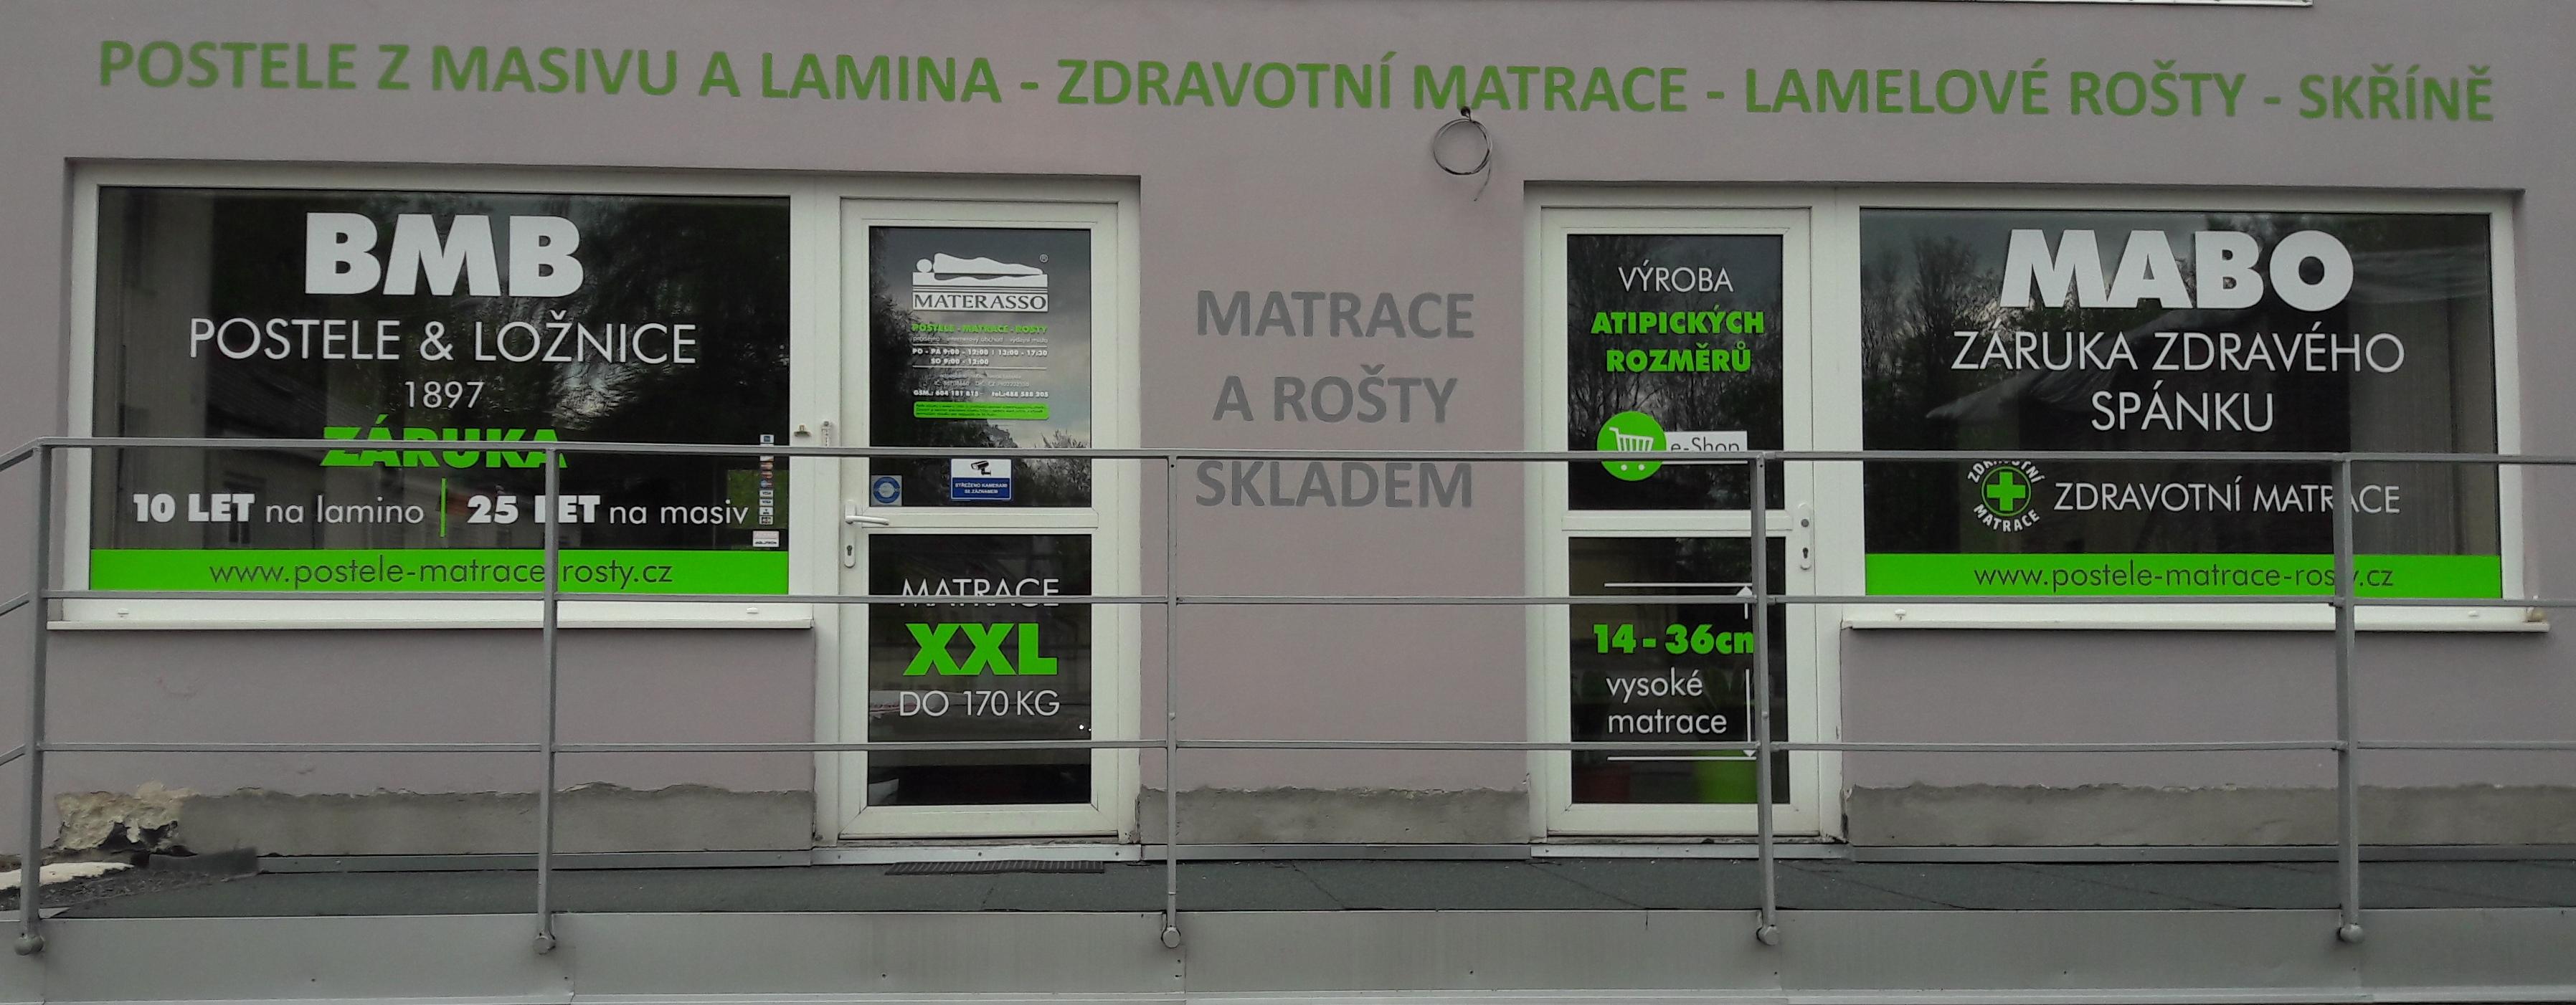 Postele-Matrace-Rošty.cz - Studio zdravého spánku